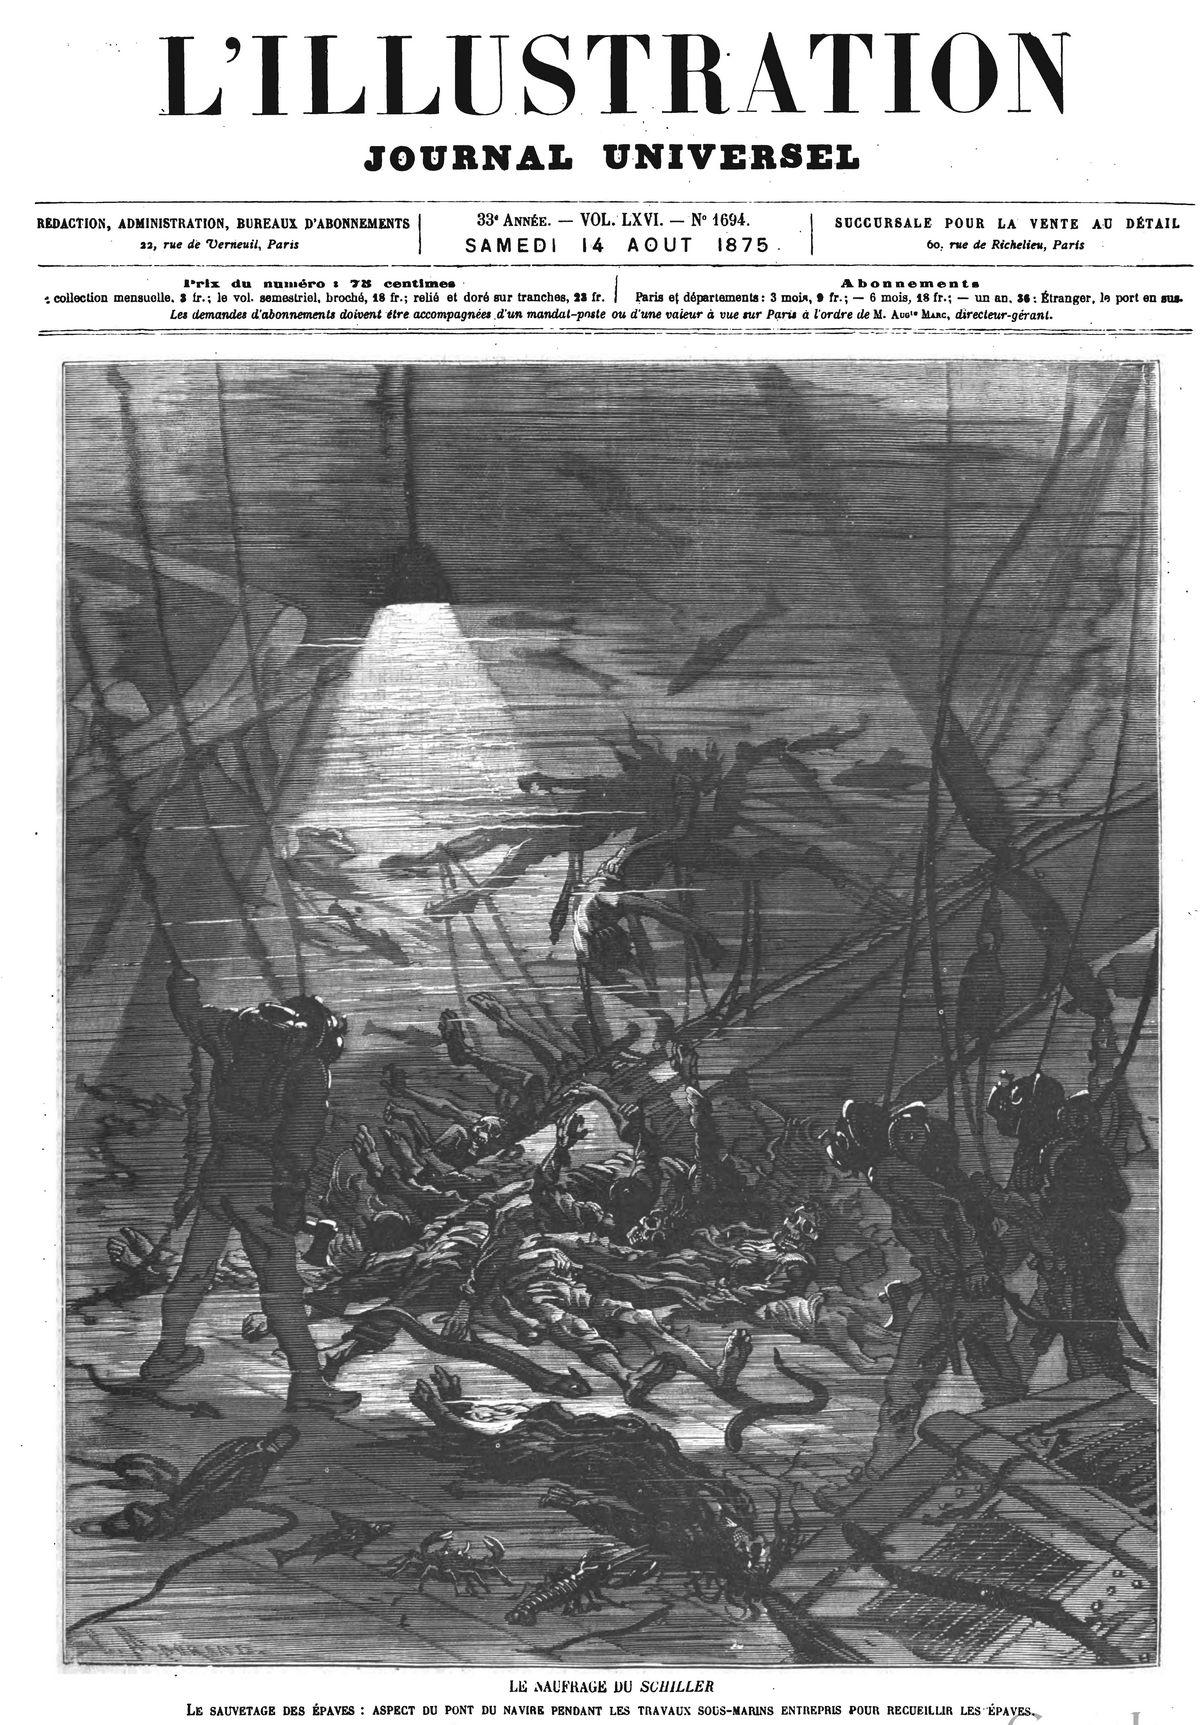 Le naufrage du Schiller : le sauvetage des épaves ; aspect du pont du navire pendant les travaux sous-marins entrepris pour recueillir les épaves.